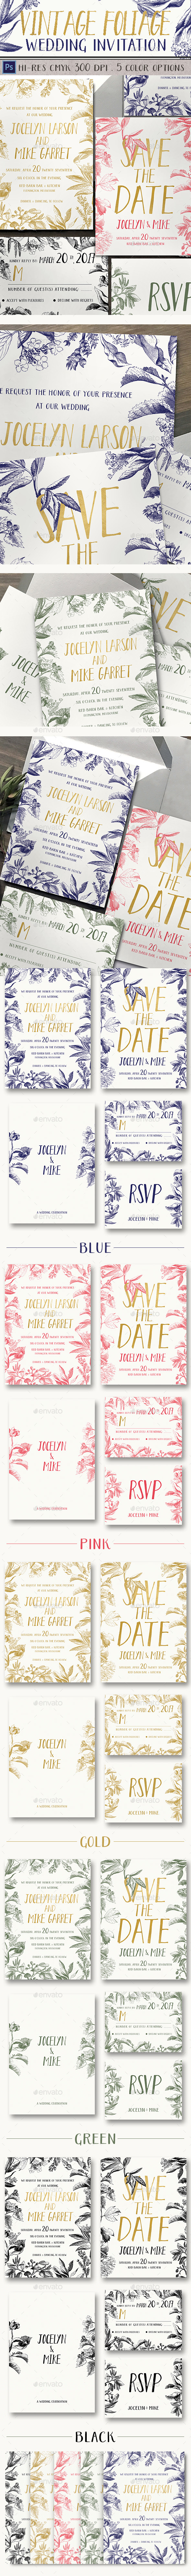 Vintage Foliage Wedding Invitation - Weddings Cards & Invites